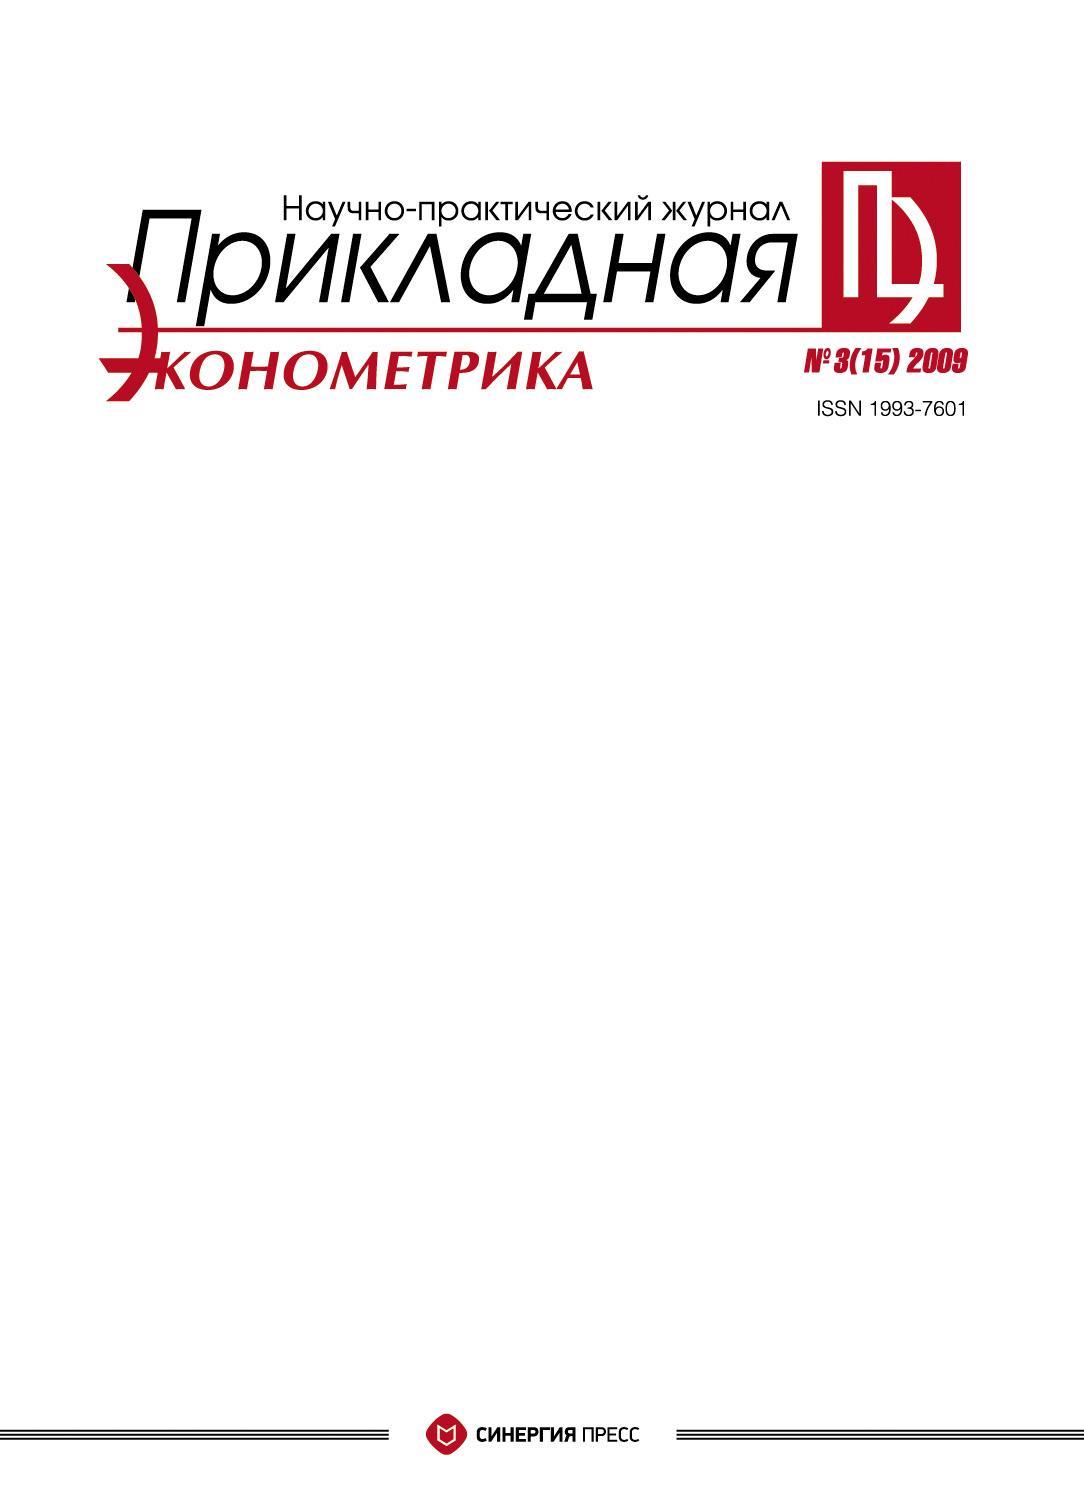 Отсутствует Прикладная эконометрика №3 (15) 2009 отсутствует прикладная эконометрика 3 39 2015